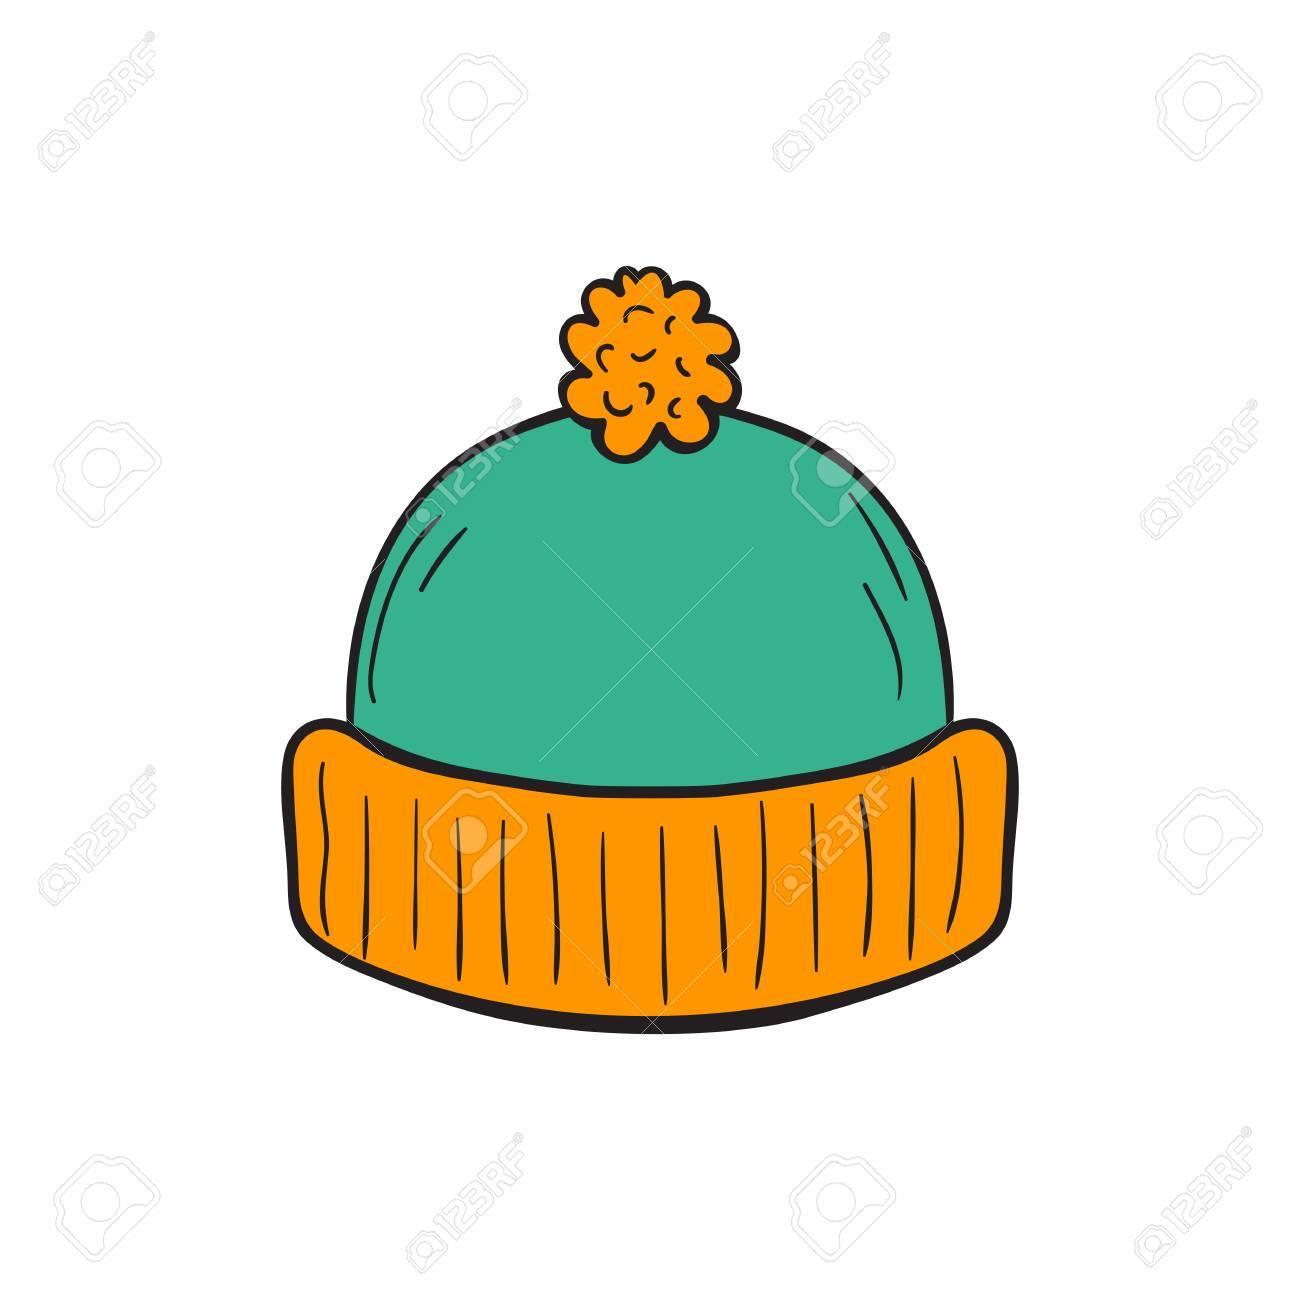 Ilustración De Dibujos Animados Con La Mano Del Otoño Aislada Dibujado  Hecho Punto Sombrero De Colores Sobre Fondo Blanco. Dibujado A Mano Icono  De La ... 7e9a1078832